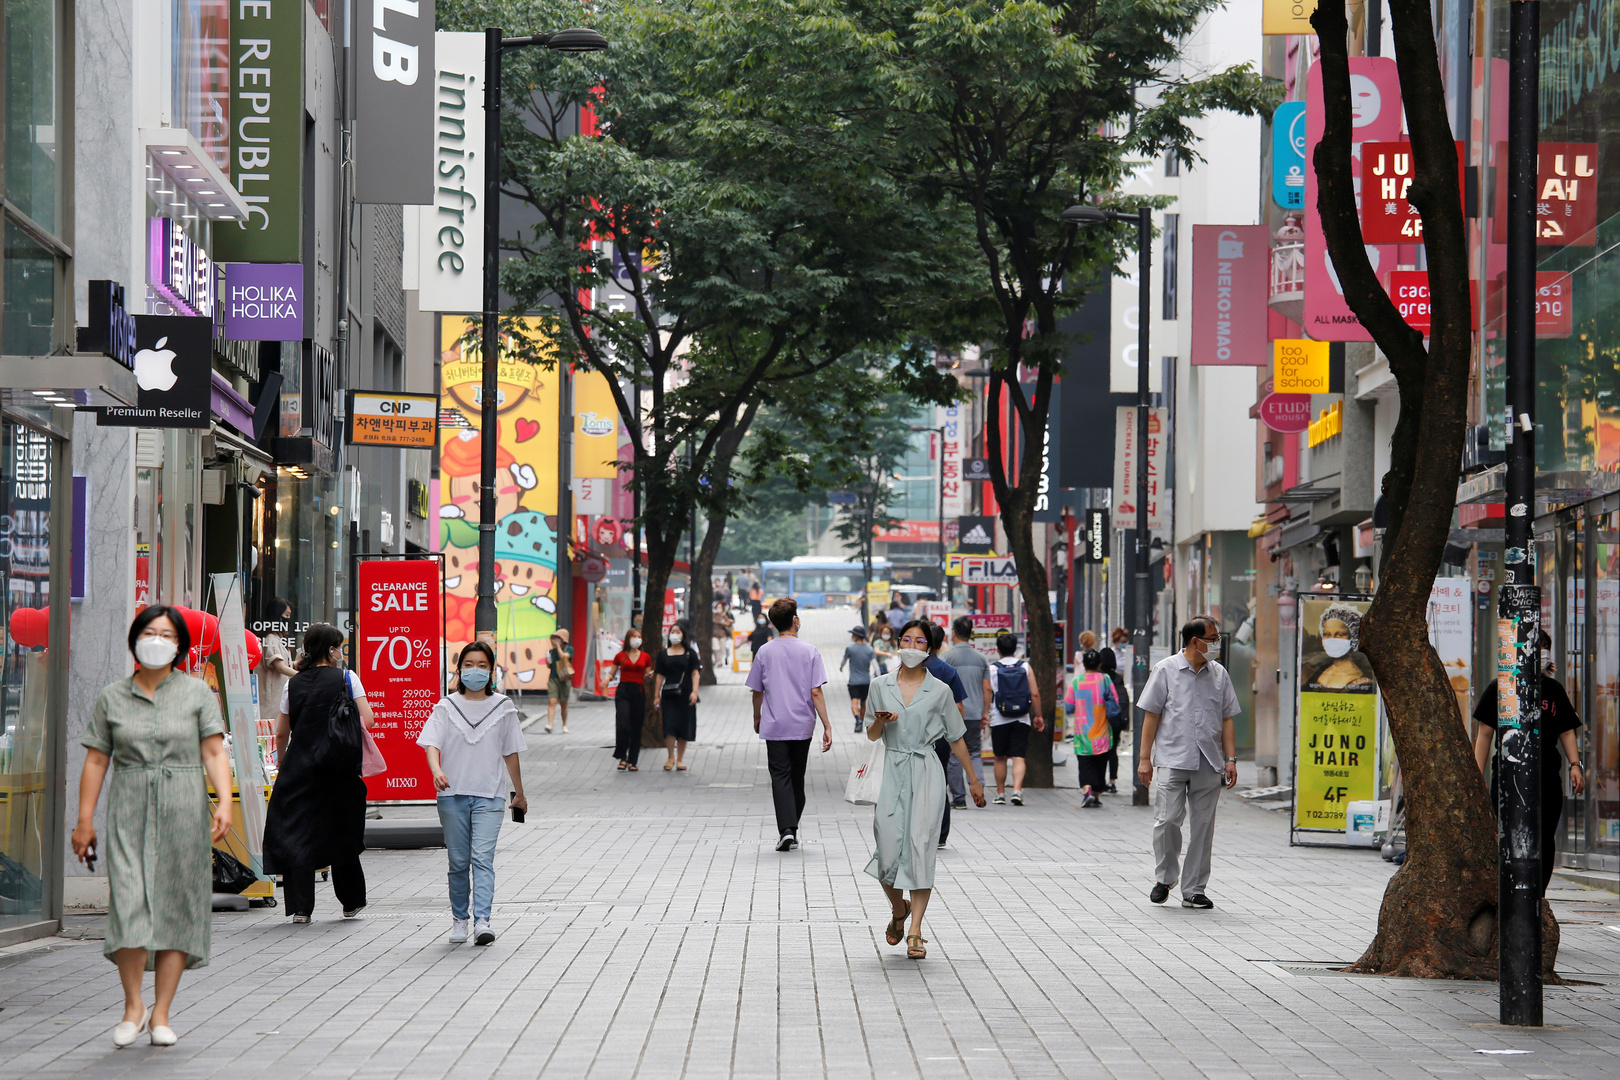 العاصمة الكورية الجنوبية سيئول في زمن كورونا في أغسطس الماضي.